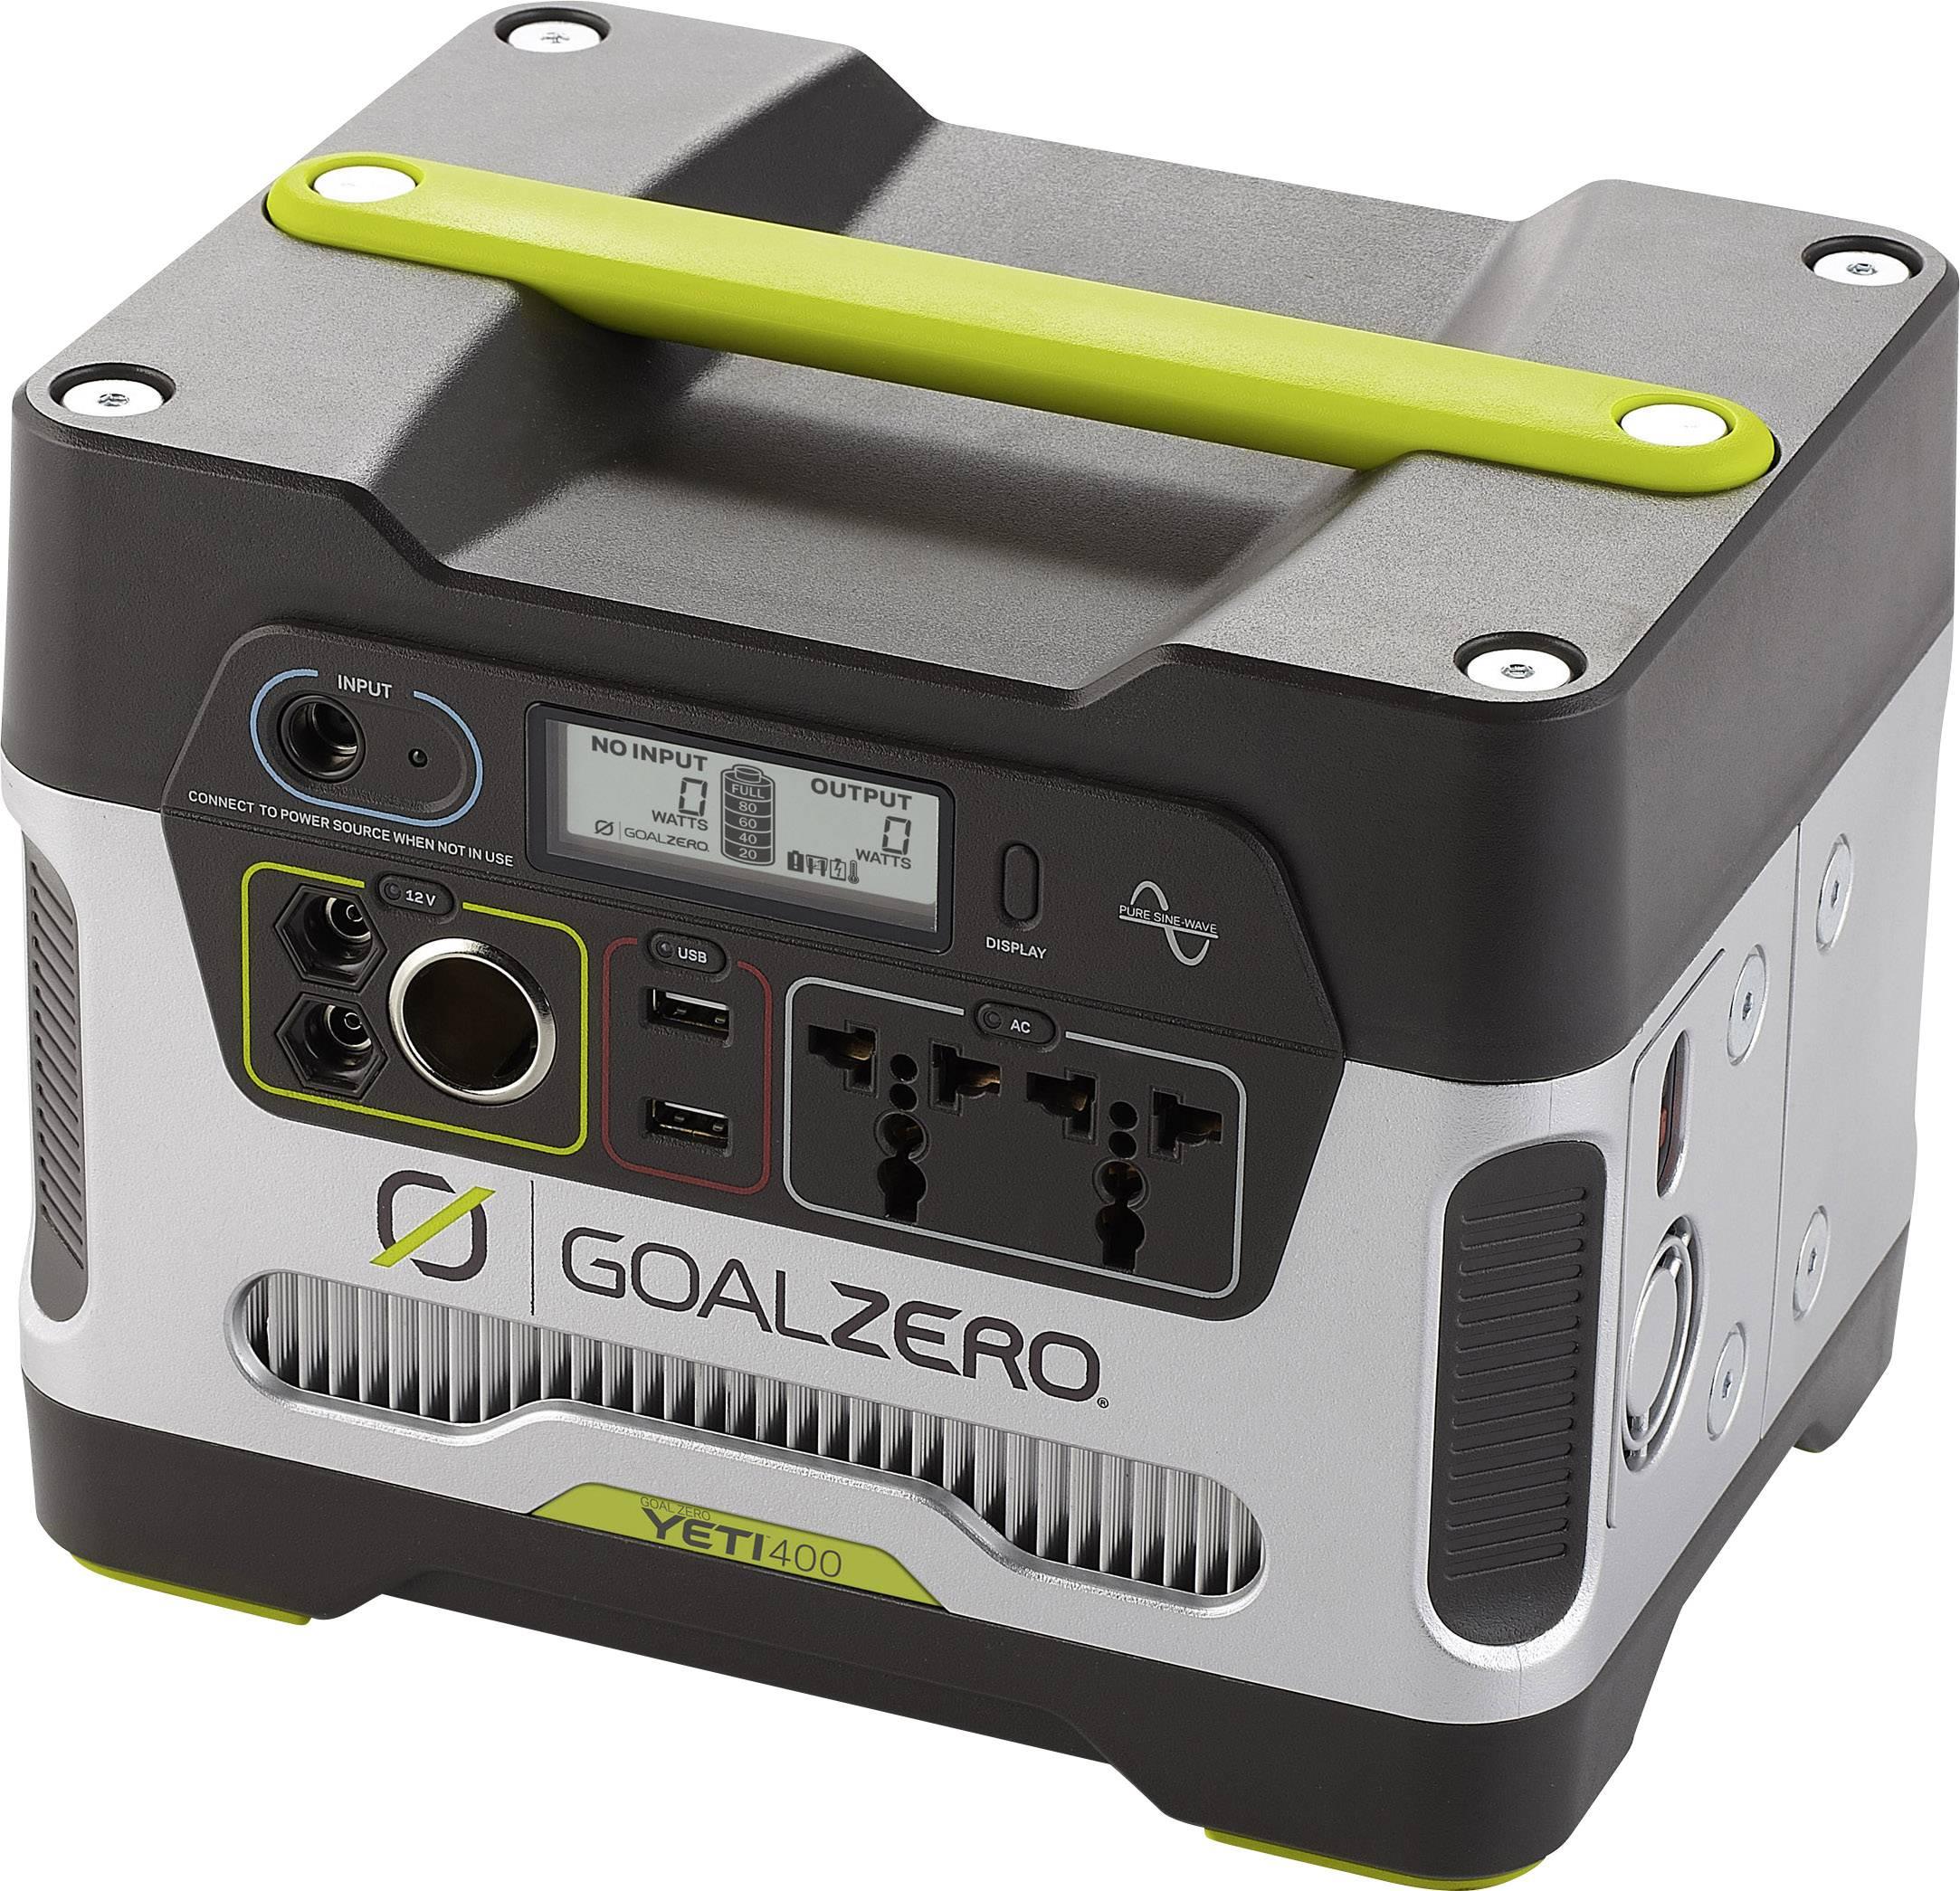 Nabíjecí stanice Goal Zero Yeti 400, solární generátor 230 V, 33000 mAh